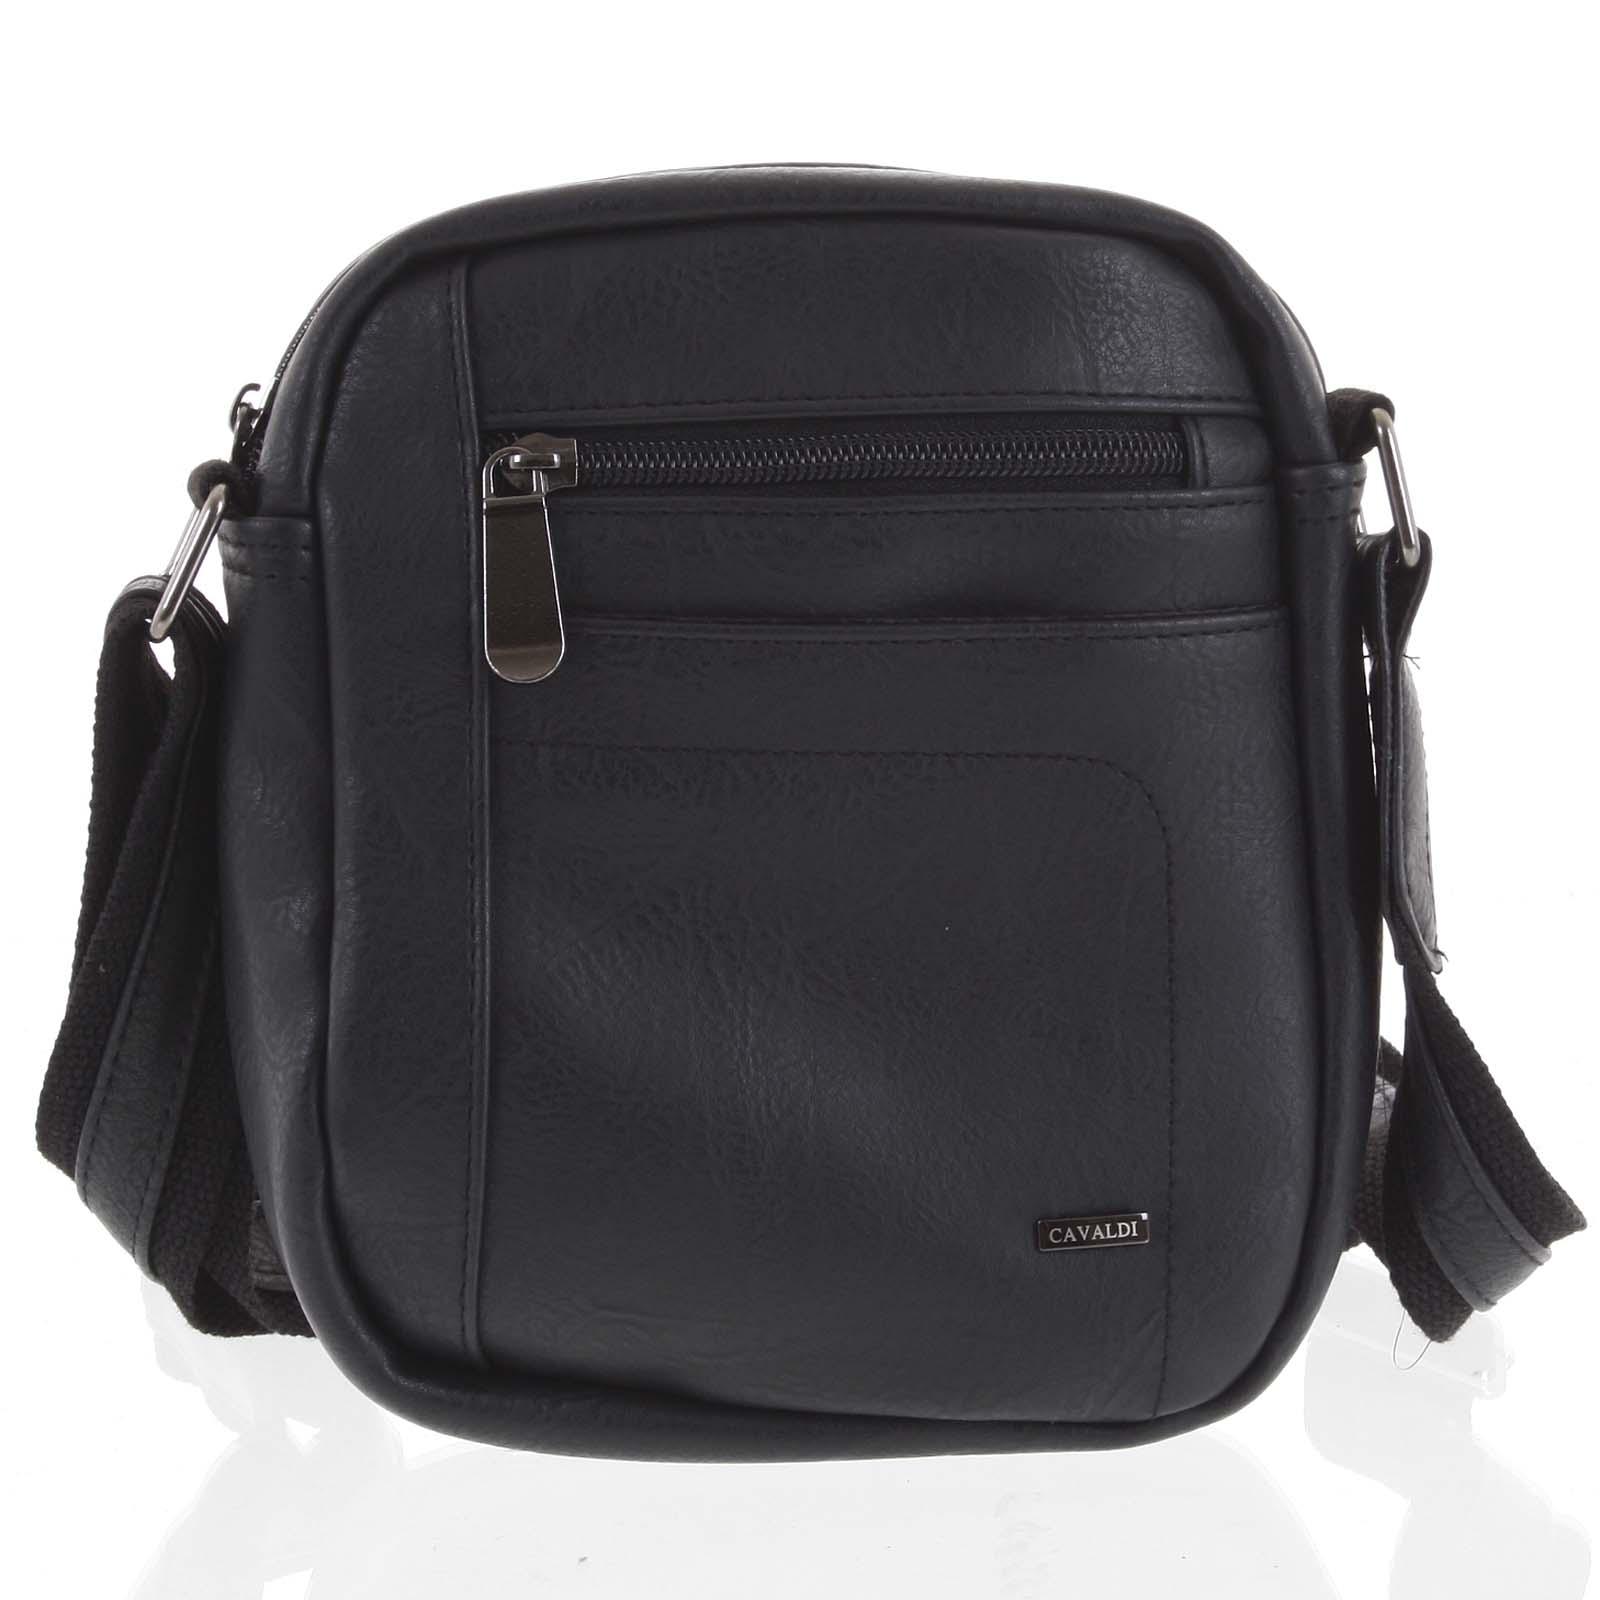 Pánska taška na doklady čierna - Cavaldi 8022 čierna